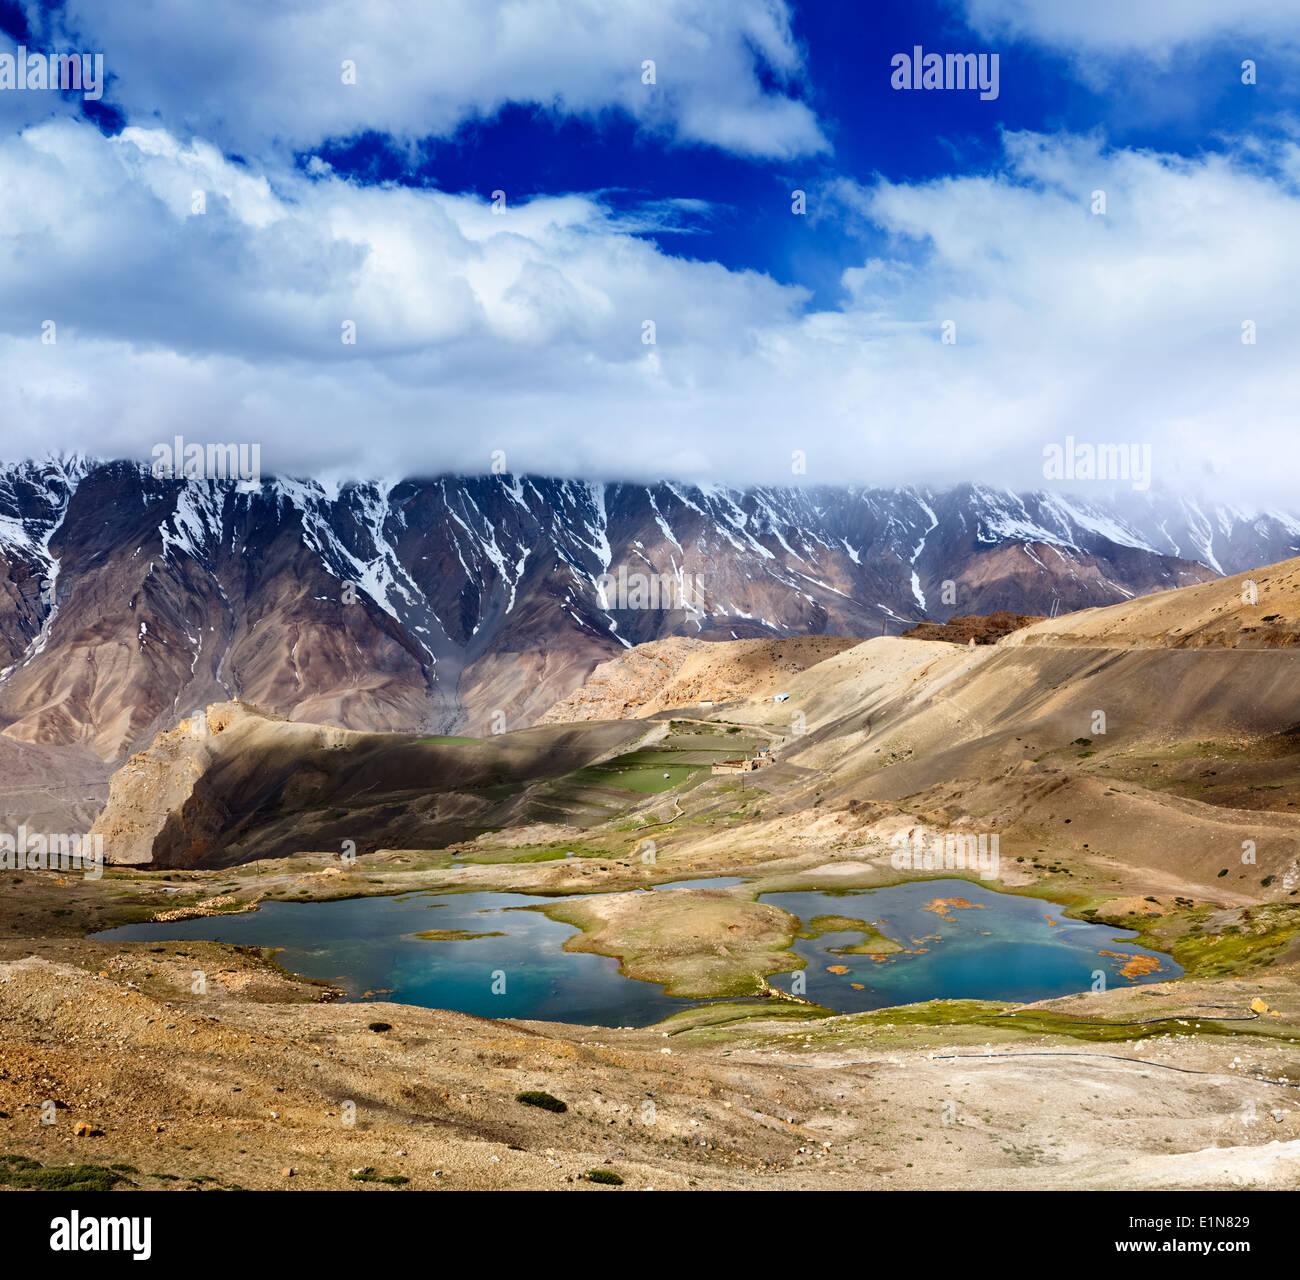 Effet Retro Vintage style hipster image filtrée voyage de lacs de montagne dans la vallée de Spiti dans l'Himalaya. L'Himachal Pradesh, Inde Photo Stock